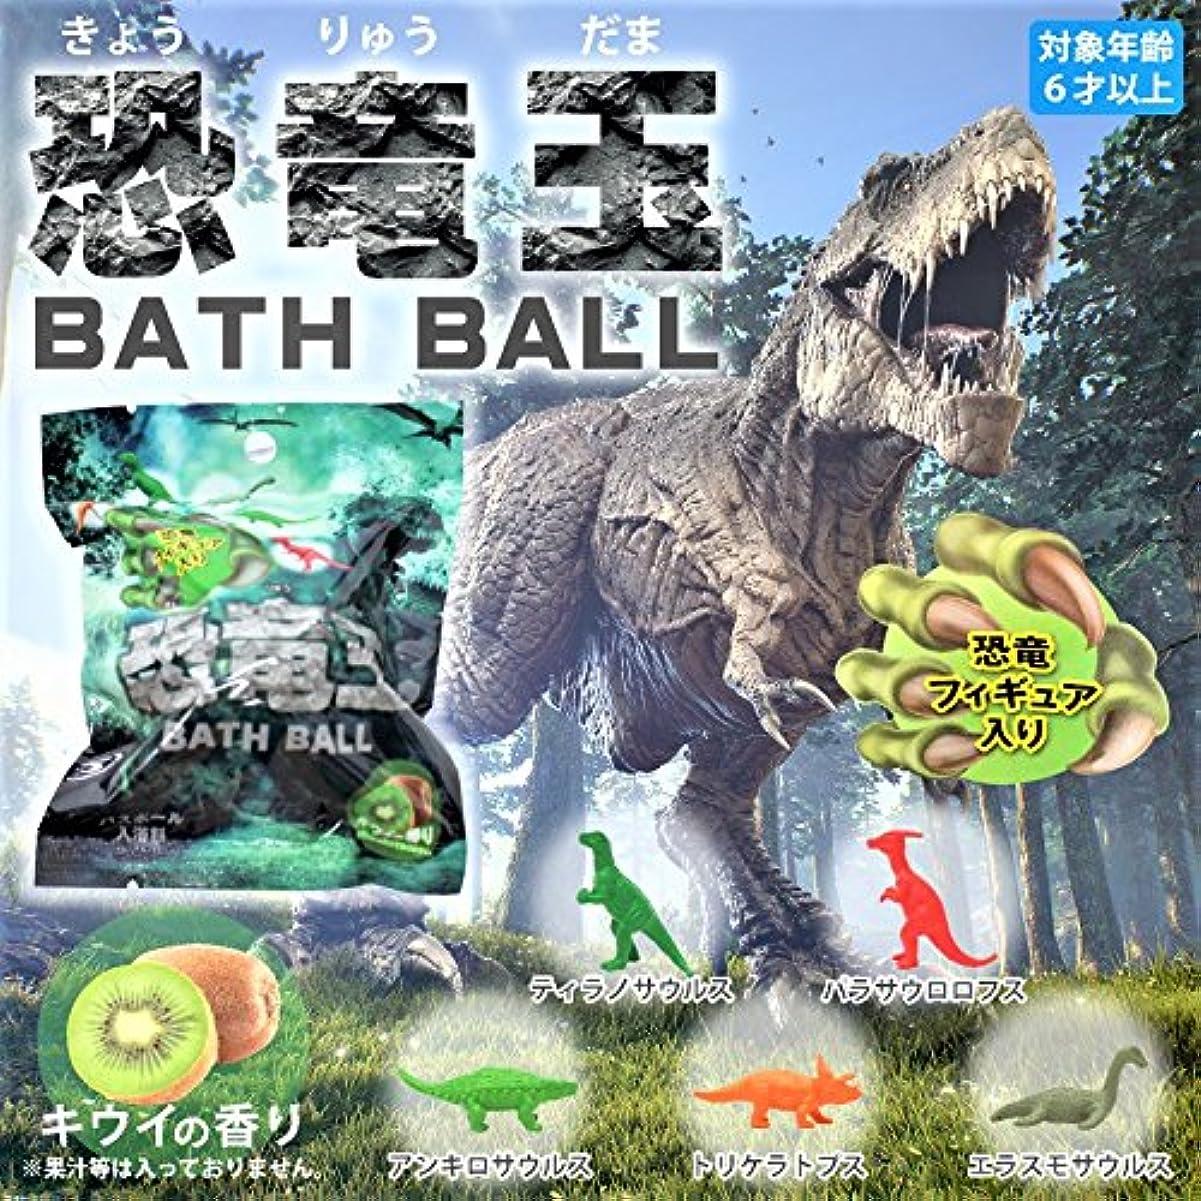 剥離母北東恐竜玉バスボール 6個1セット キウイの香り 恐竜フィギュア入りバスボール 入浴剤